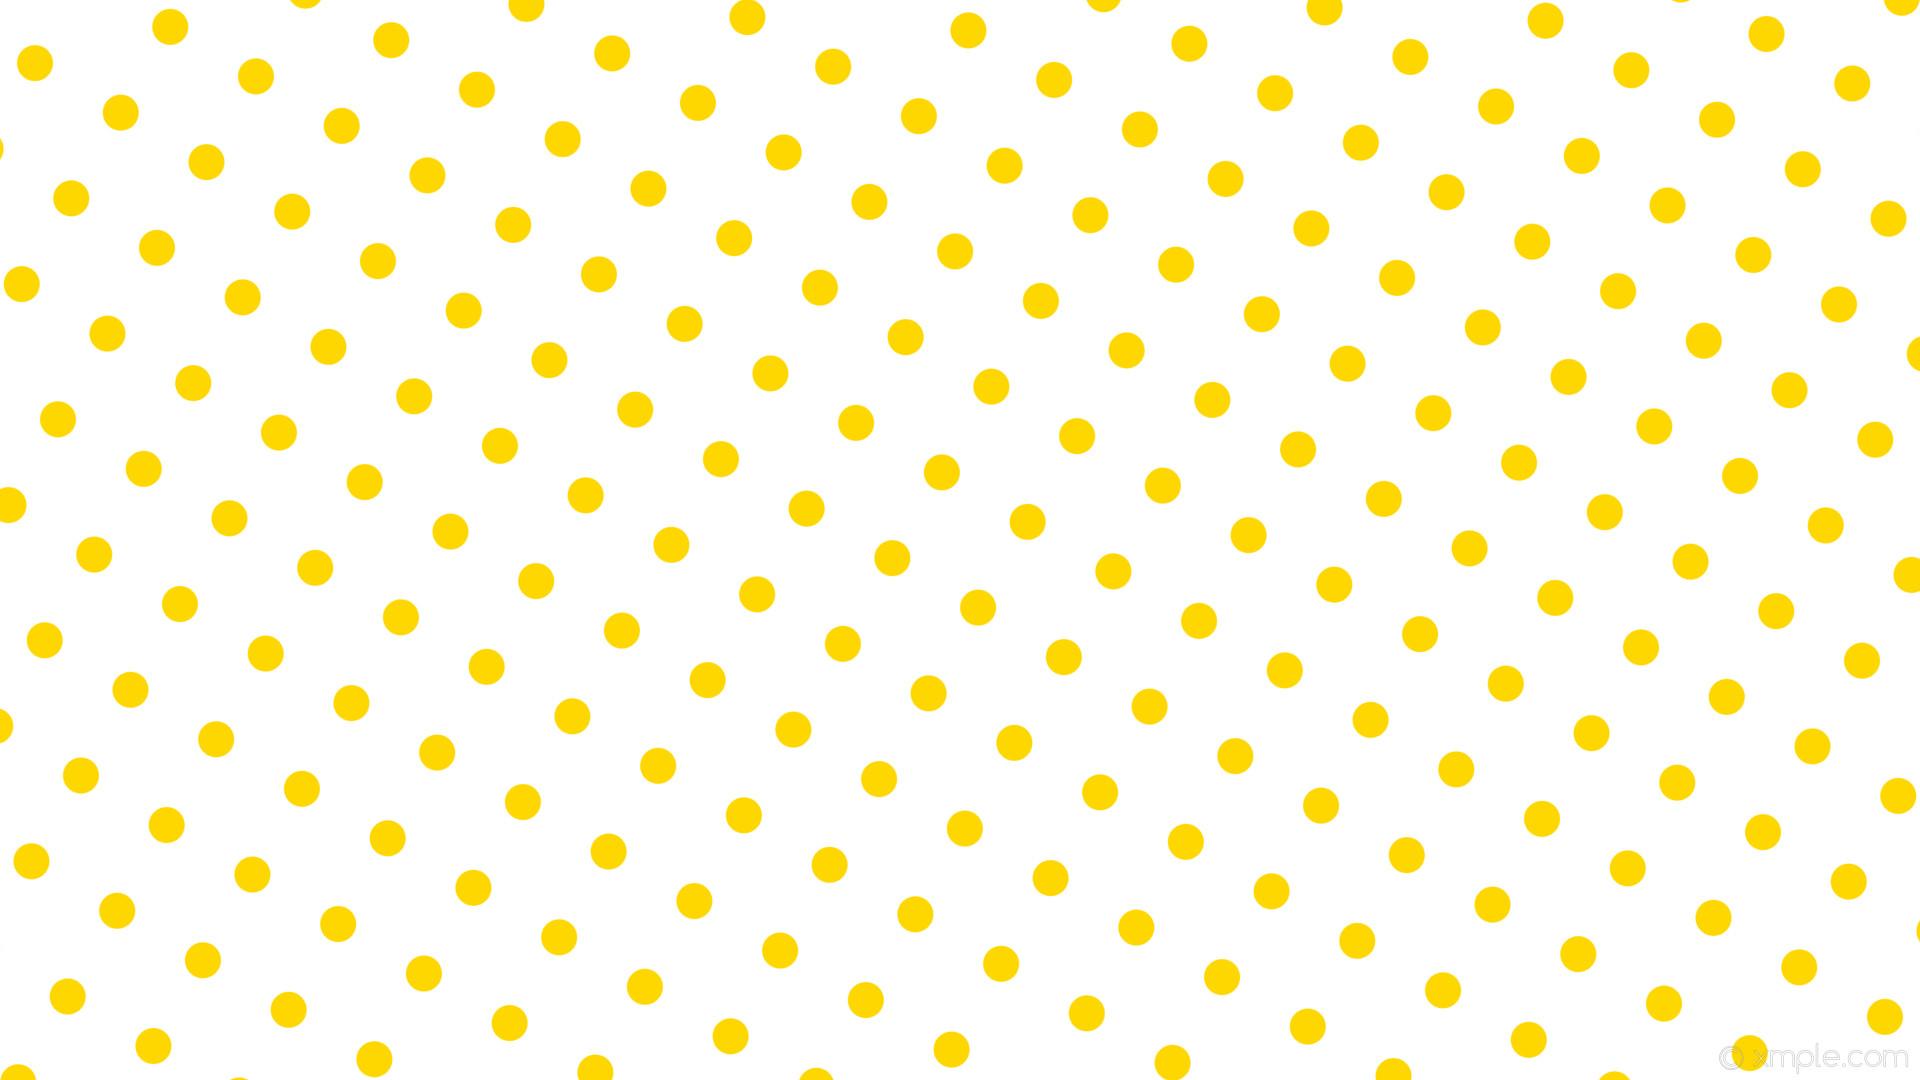 Dots Wallpaper 47 Images